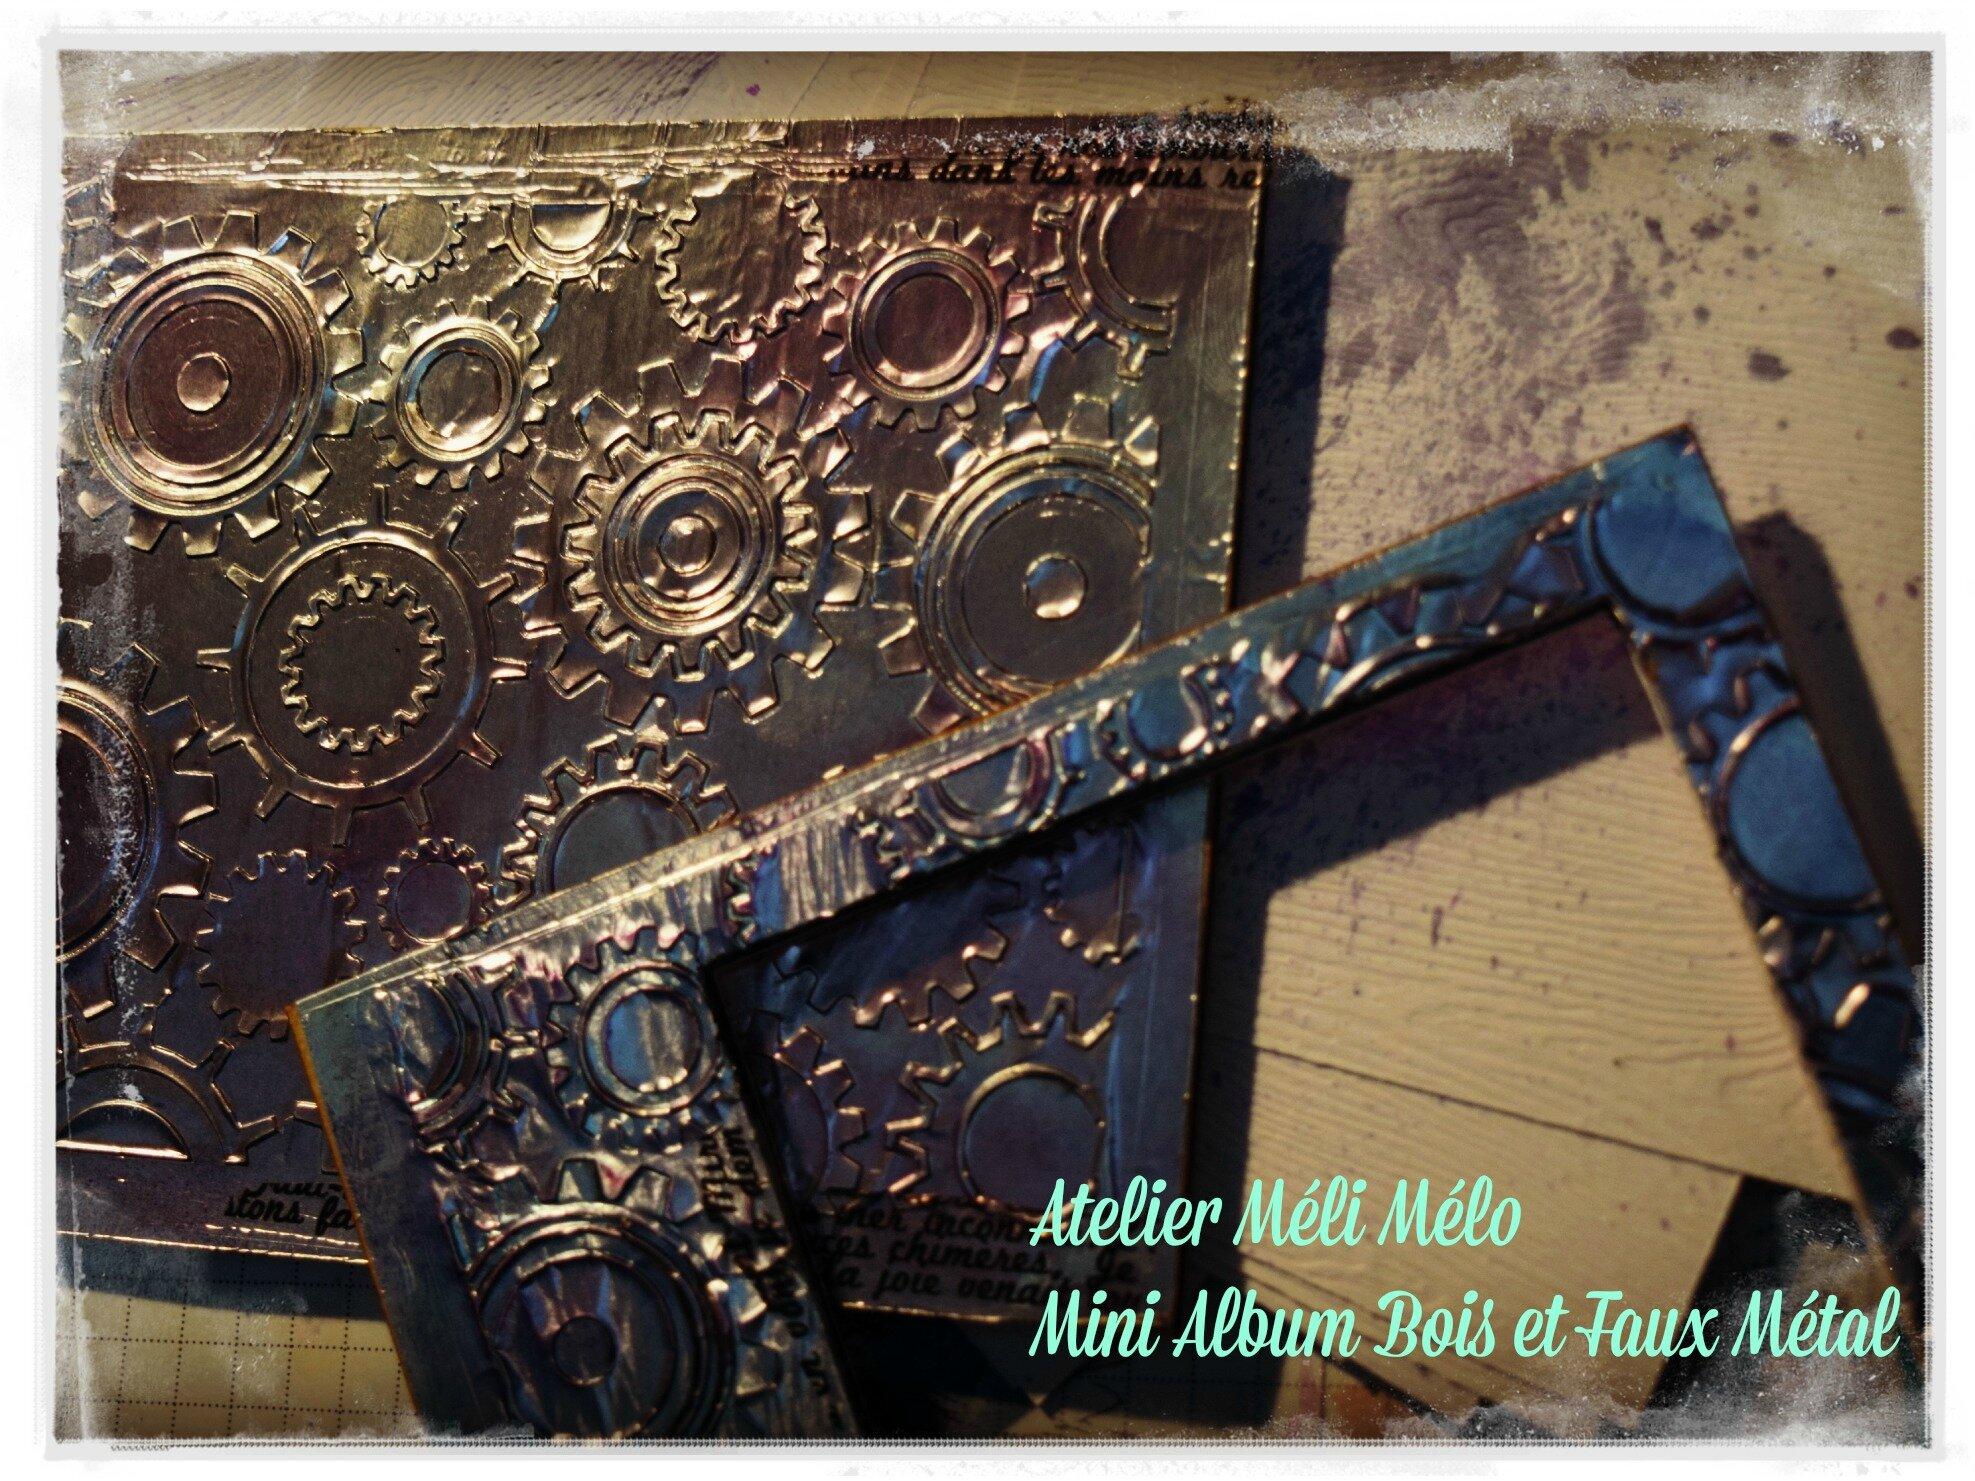 Atelier Mini Album